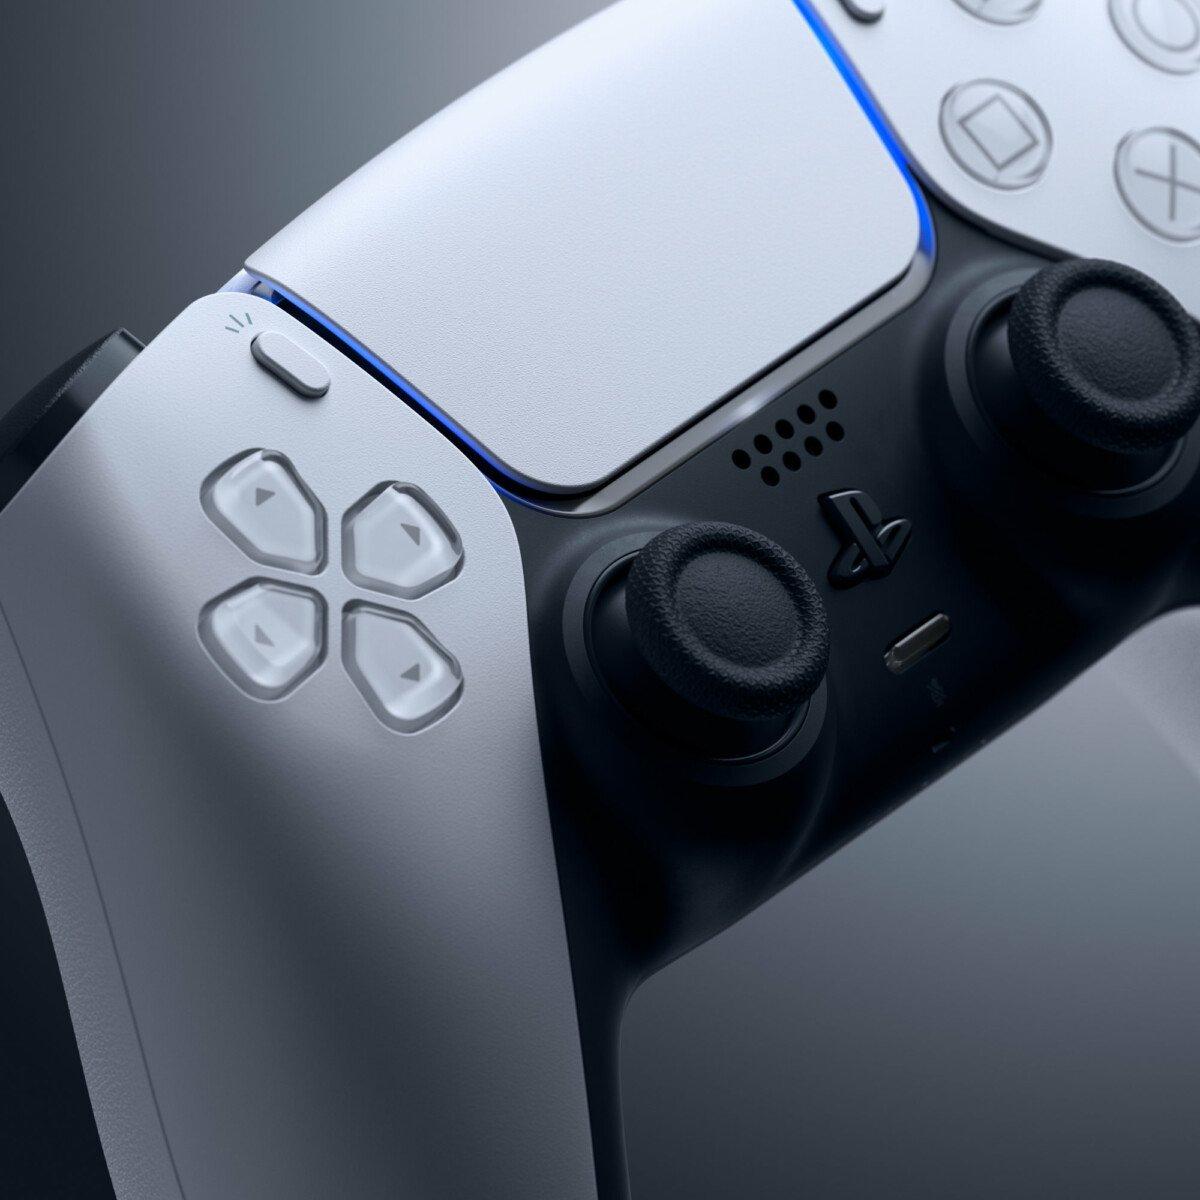 Sony non ha deciso il prezzo di PS5 dopo l'annuncio di Microsoft